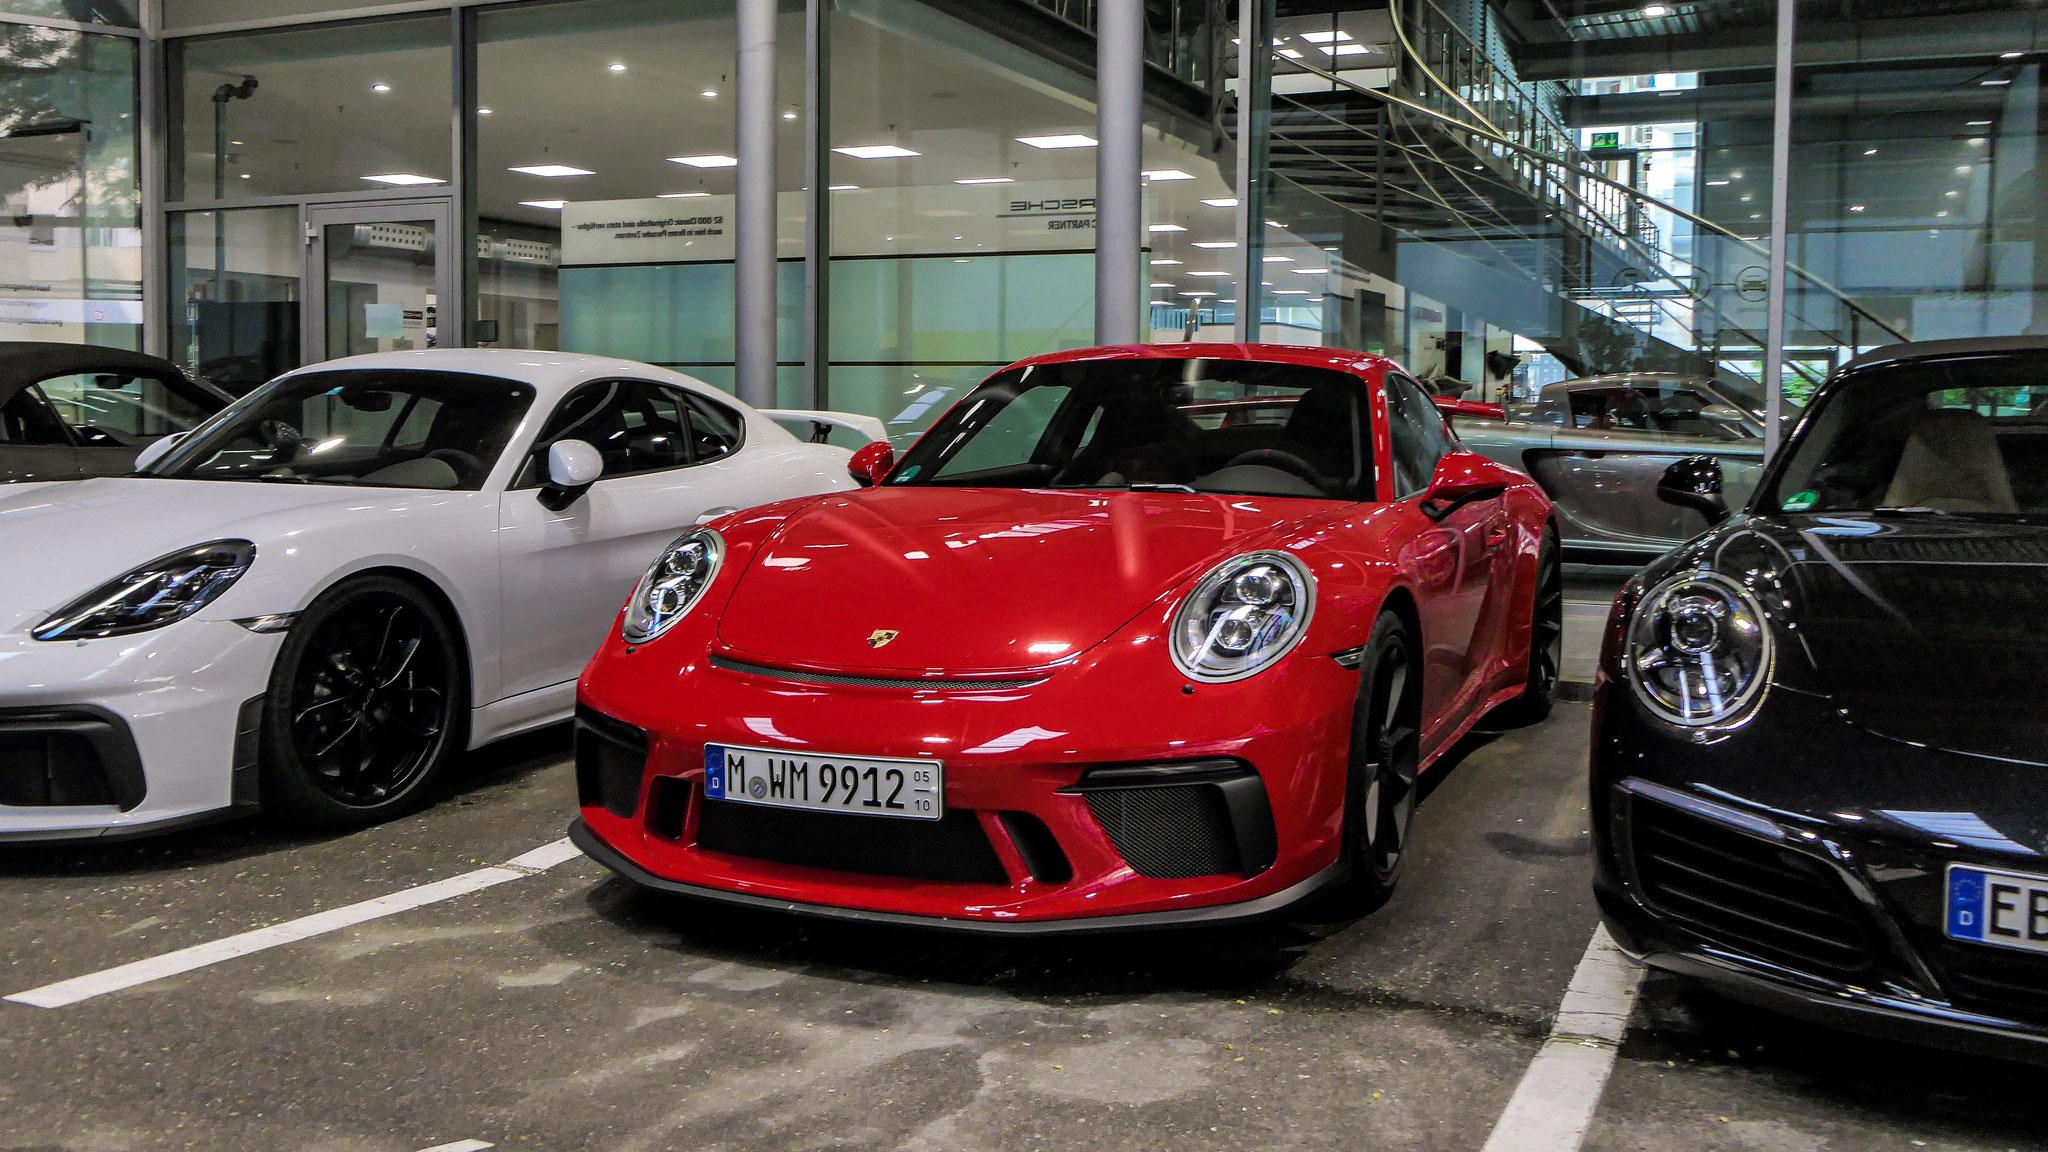 Porsche 991 GT3 - M-WM-9912